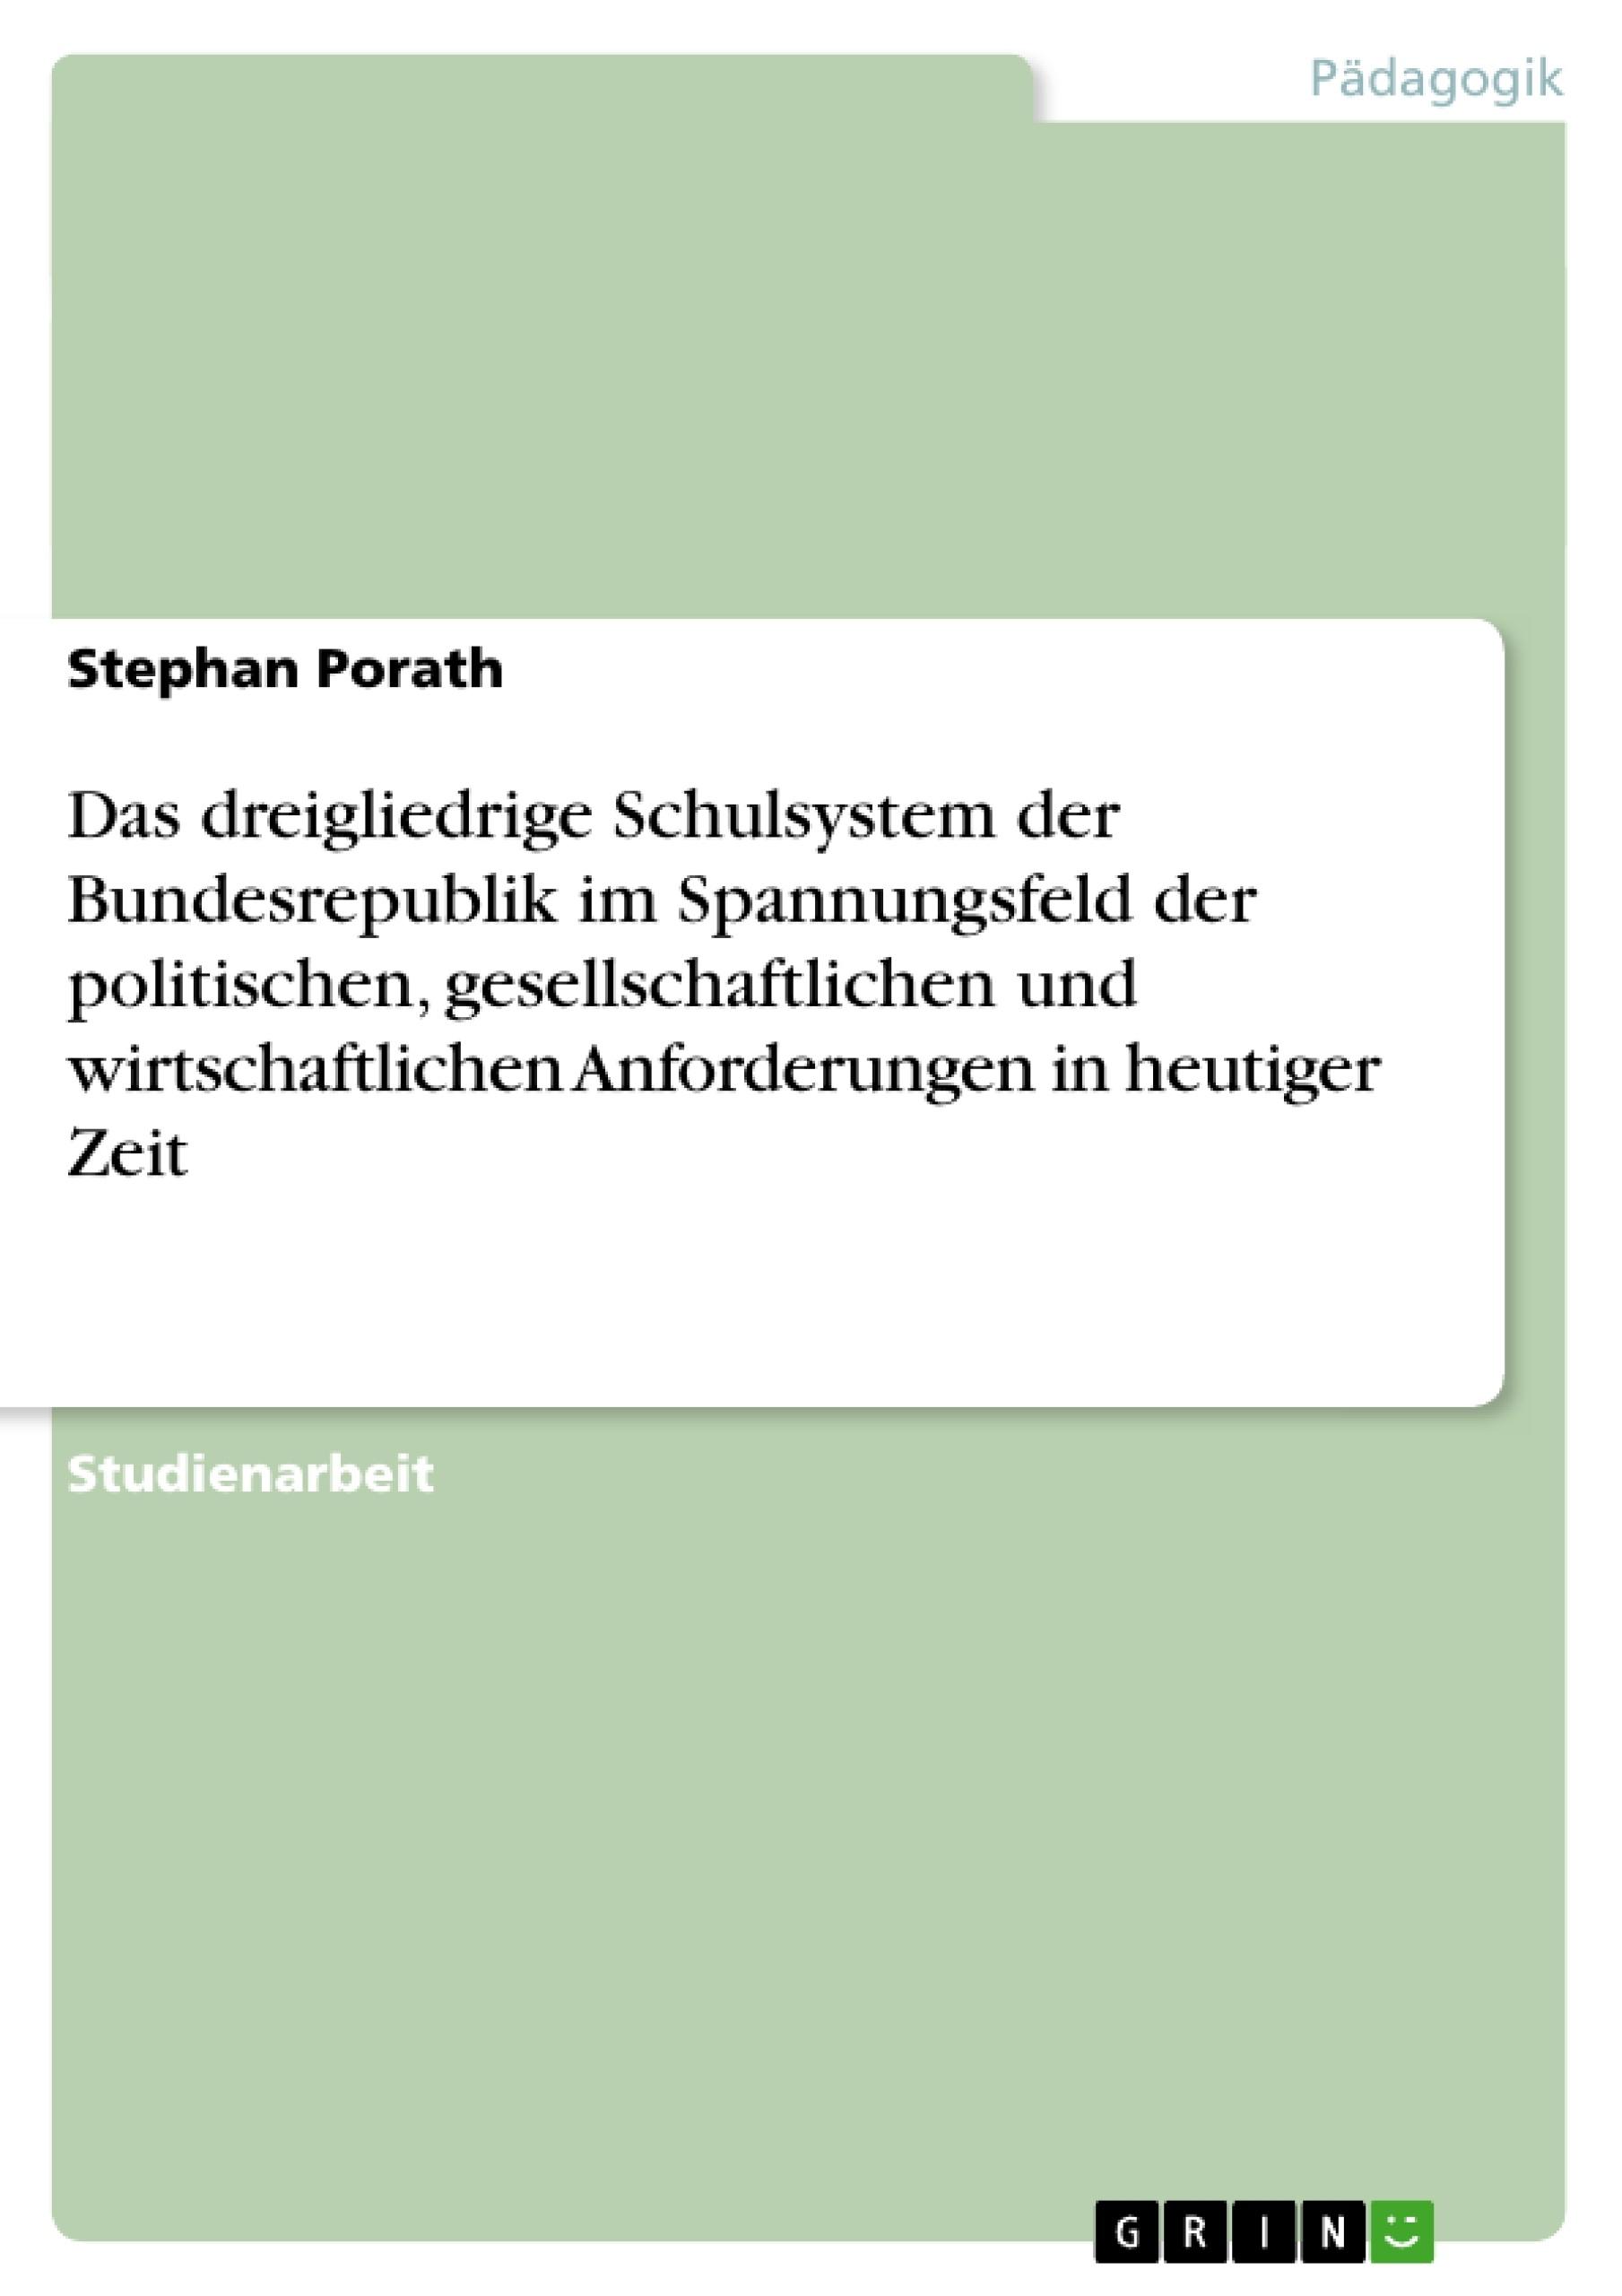 Titel: Das dreigliedrige Schulsystem der Bundesrepublik im Spannungsfeld der politischen, gesellschaftlichen und wirtschaftlichen Anforderungen in heutiger Zeit